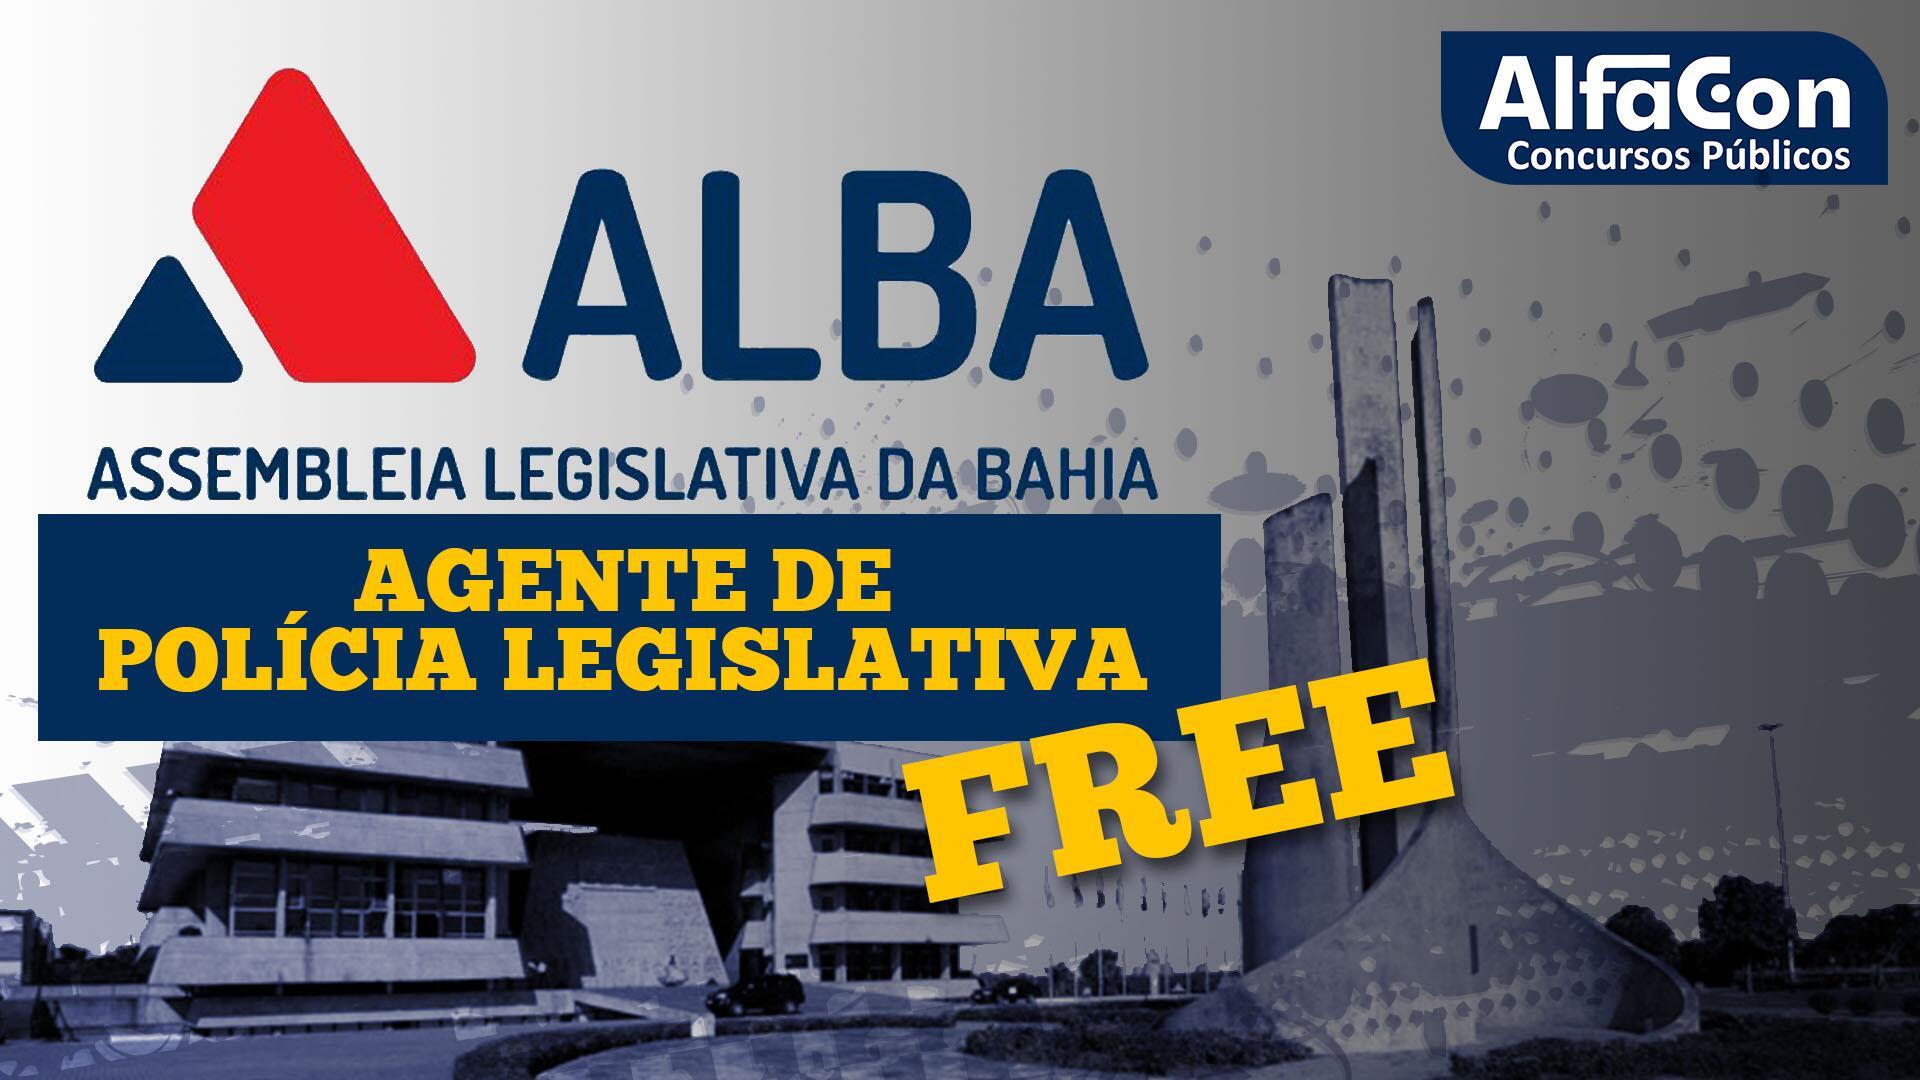 ALBA - Agente de Polícia Legislativa da Assembleia Legislativa da Bahia - Gratuito